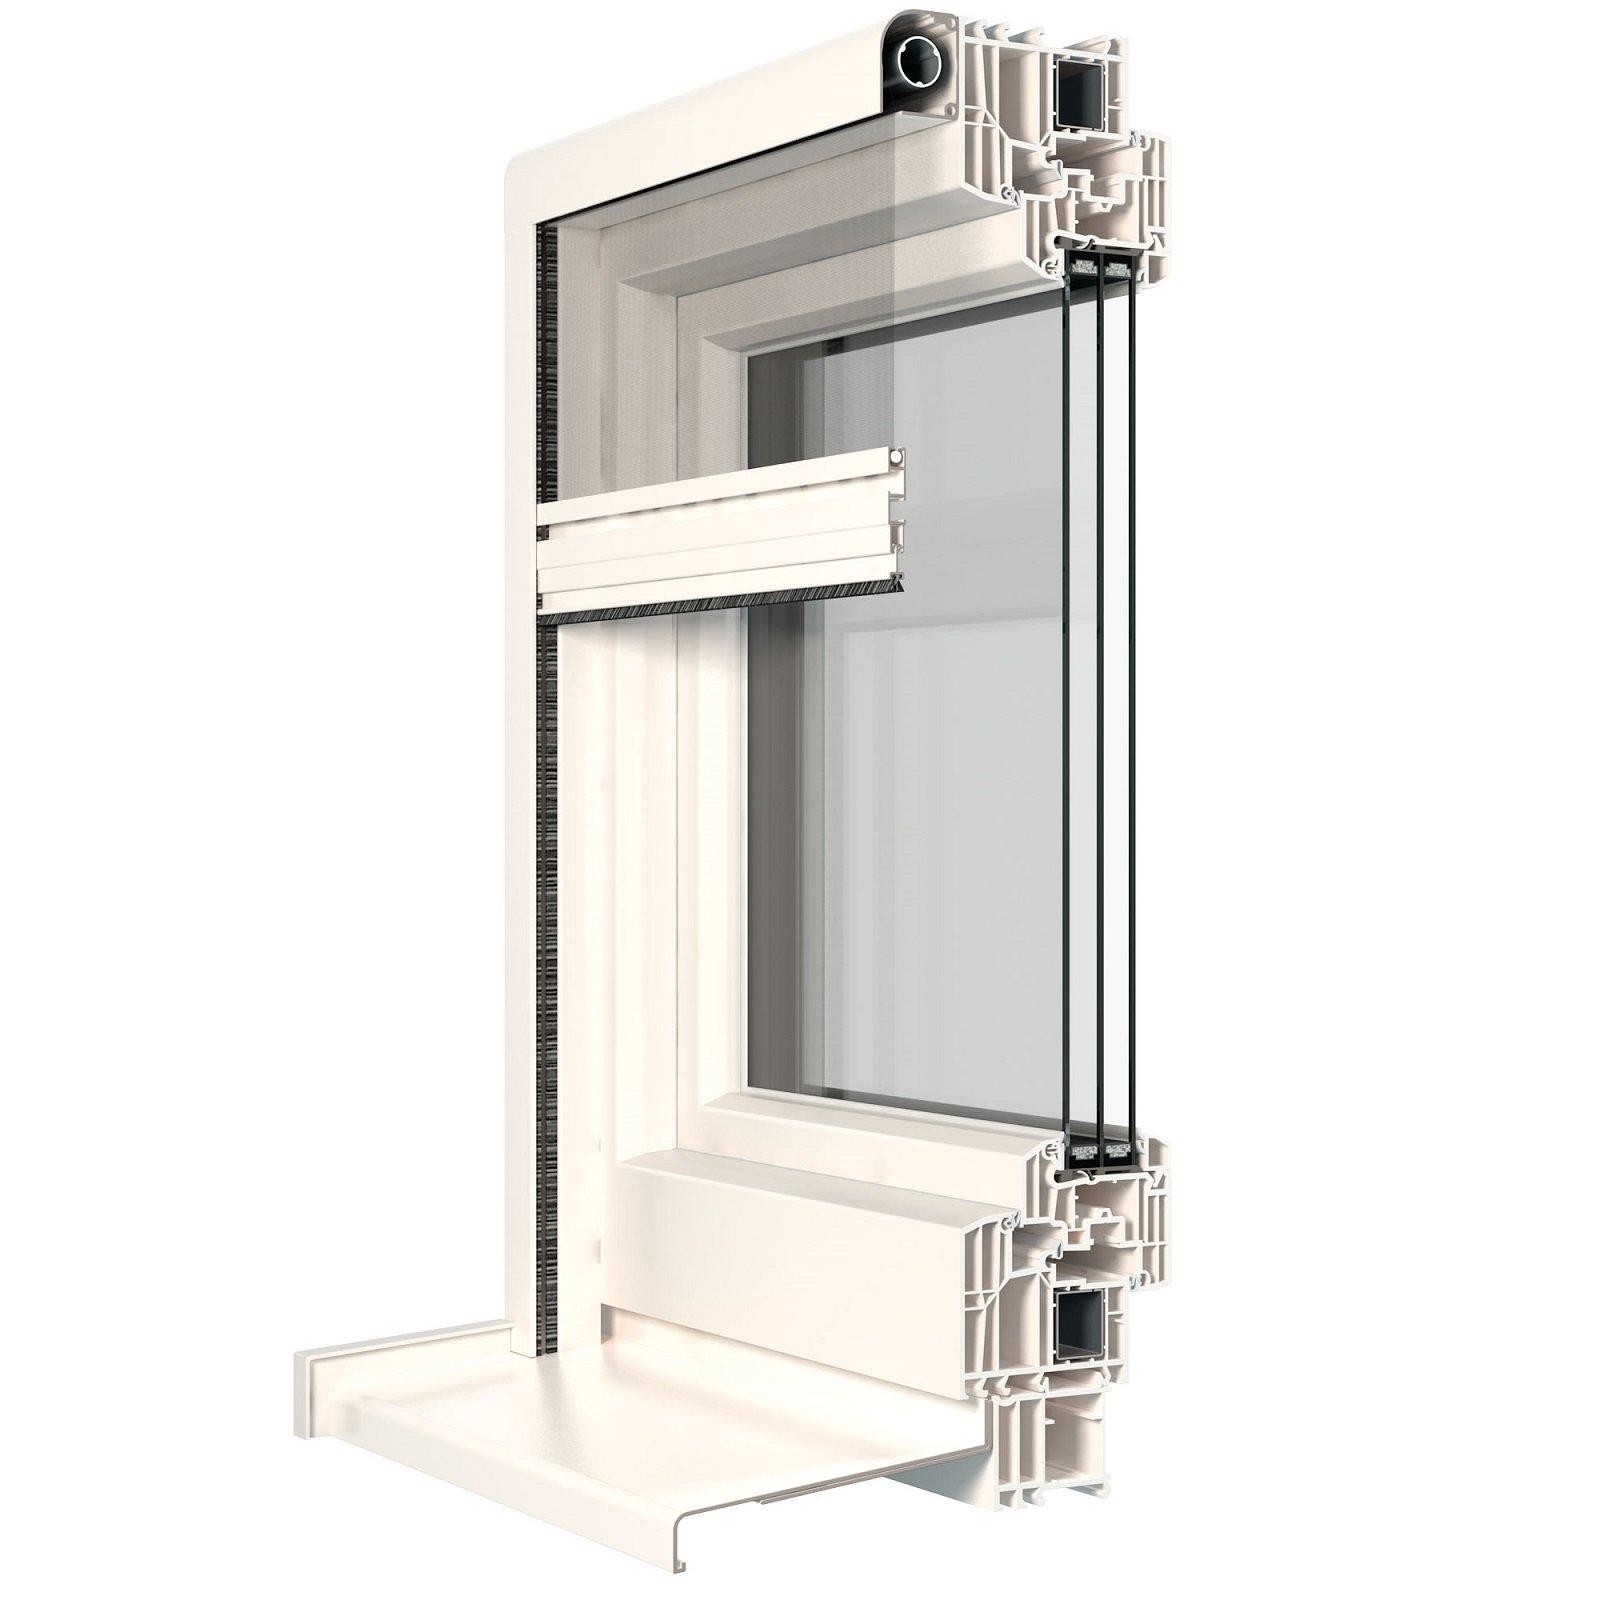 Una zanzariera perfettamente integrata nella finestra - Zanzariera finestra prezzo ...